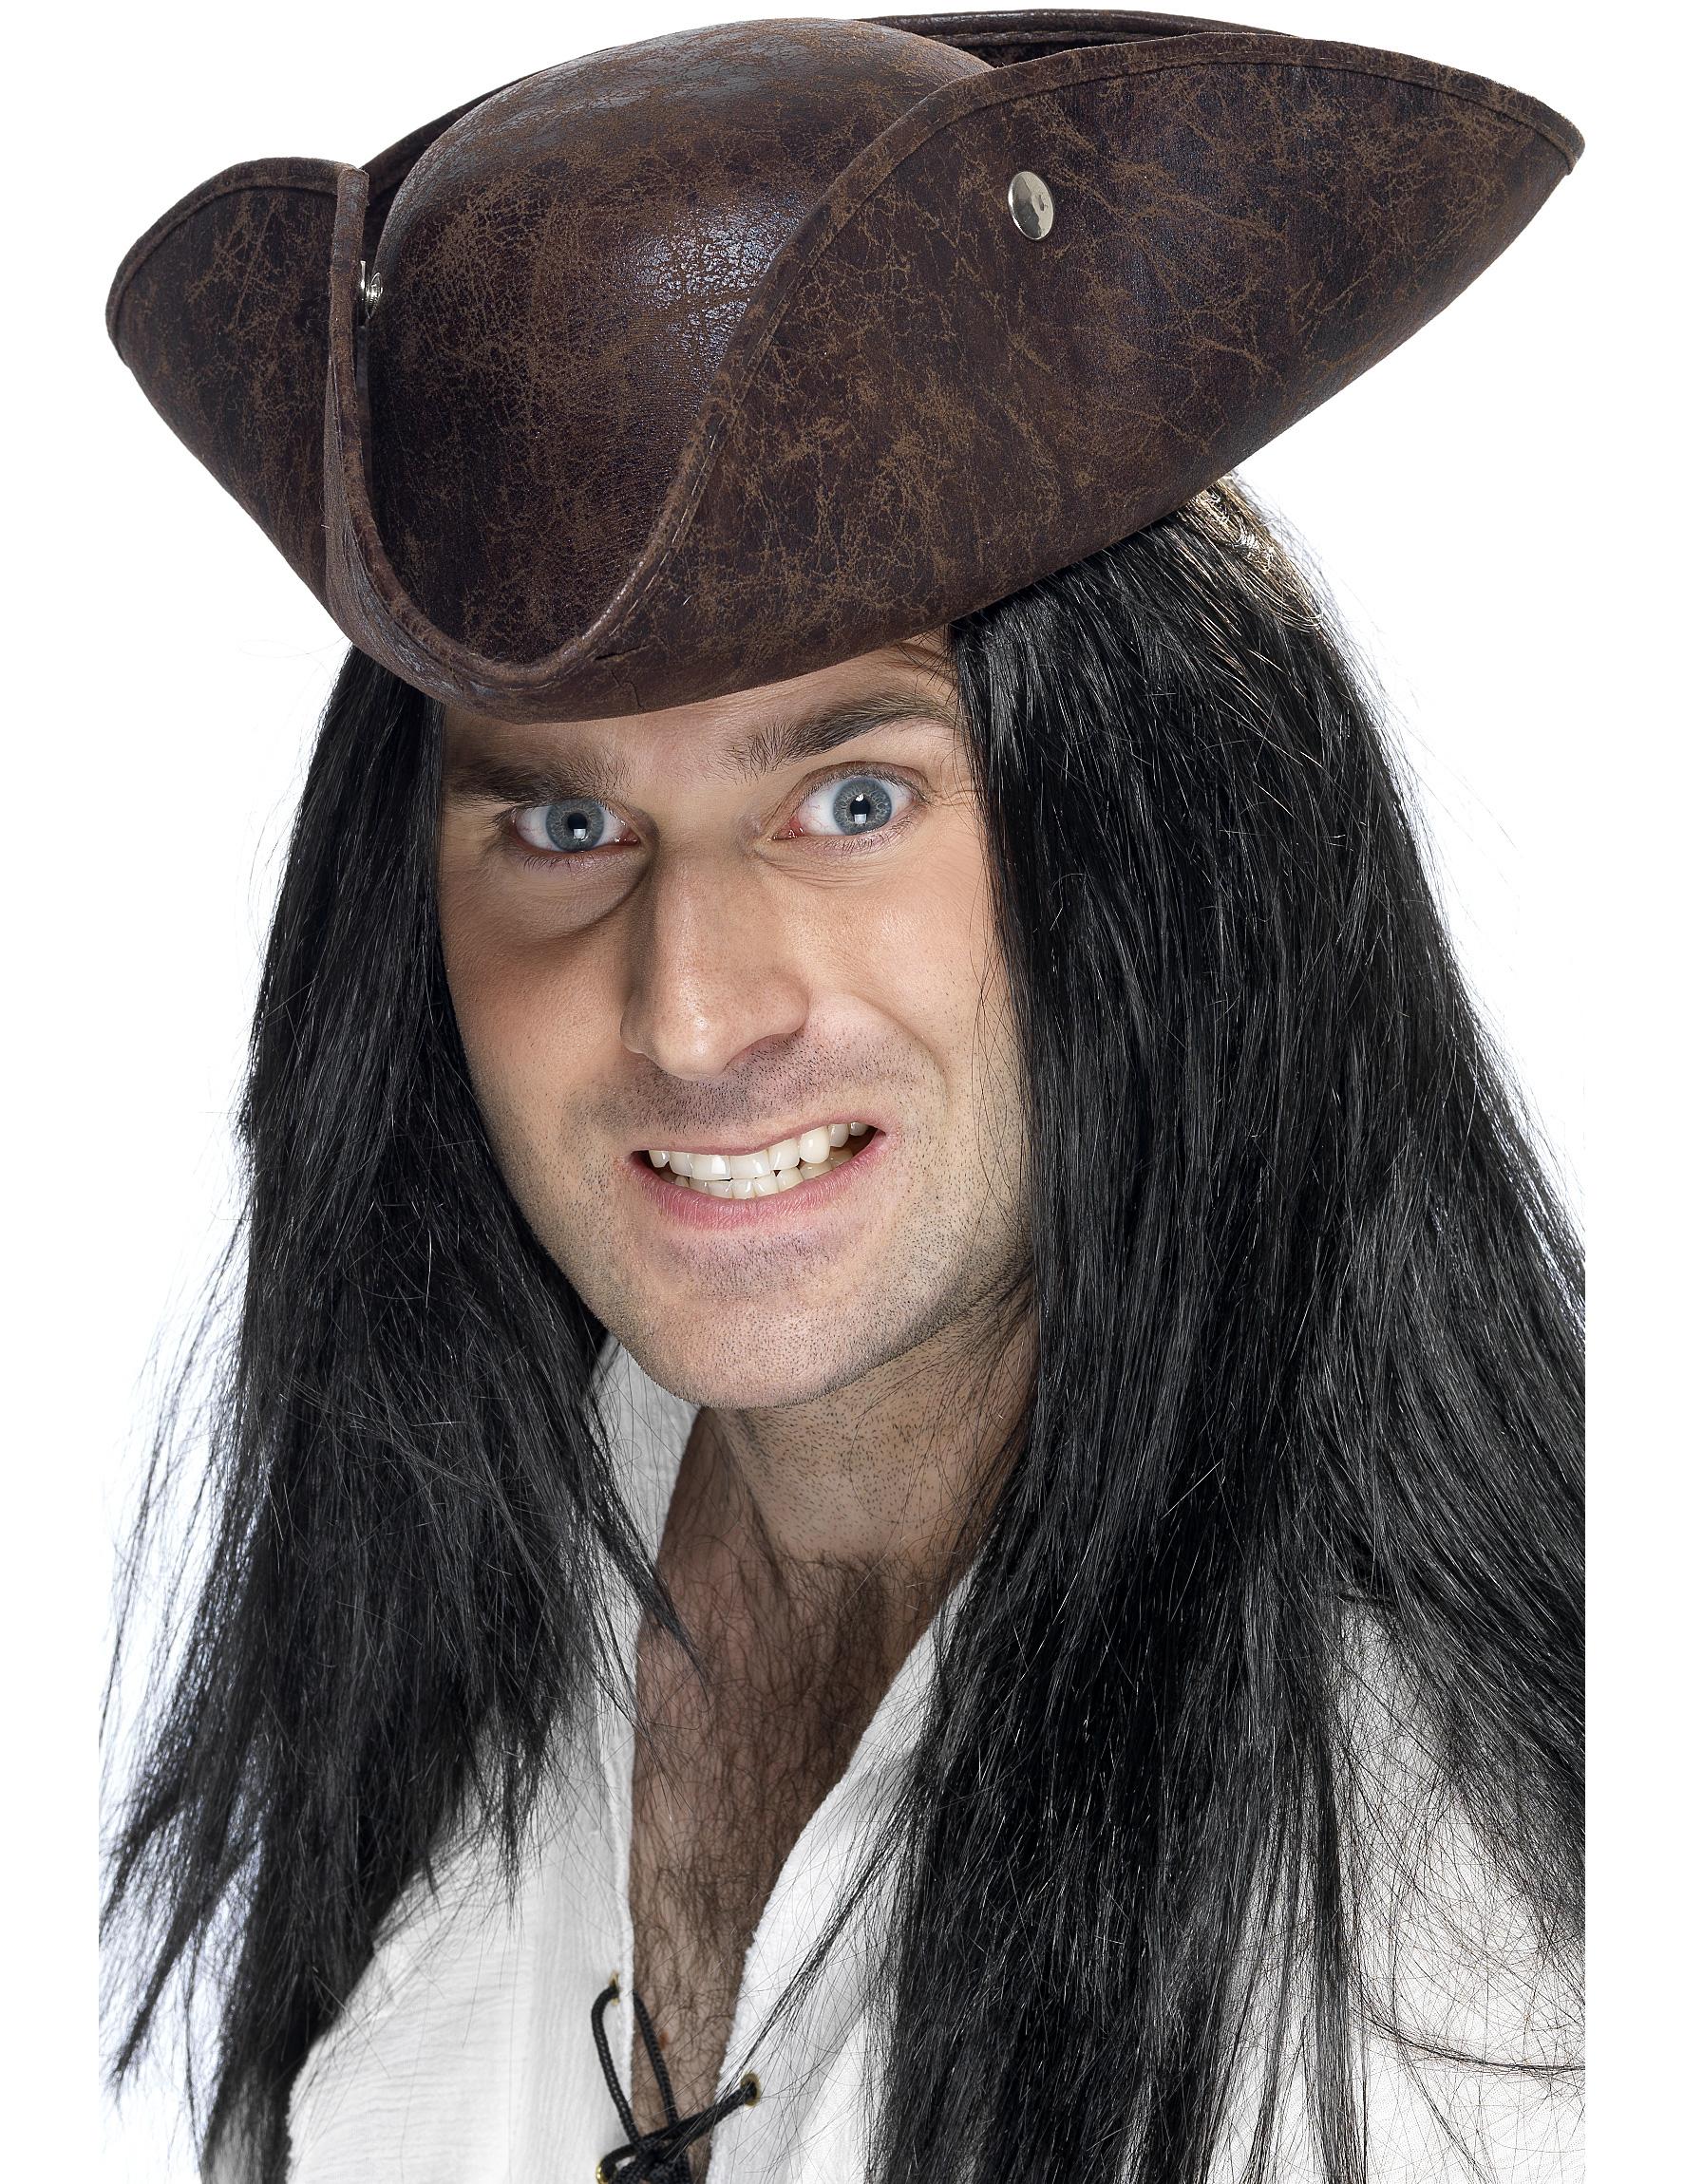 Cappelli da pirata per tutte le teste e tutte le tasche - Vegaoo.it 6adc4c3caab6